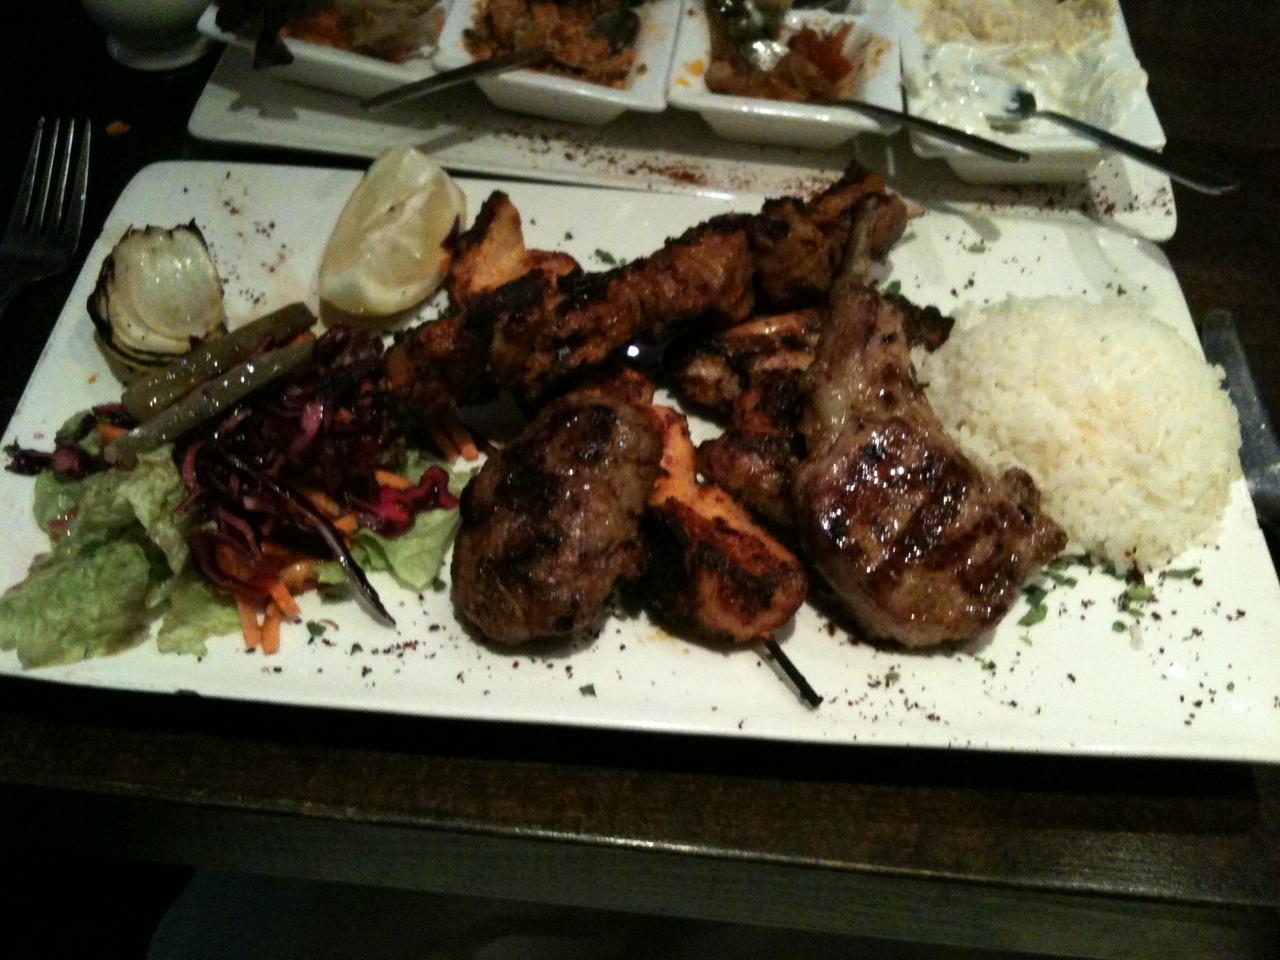 http://3.bp.blogspot.com/--LvTvH0EhSQ/Tf8b7VngvII/AAAAAAAAAZk/oiXQyUrdN-4/s1600/meat%252Bplatter%252B2.JPG